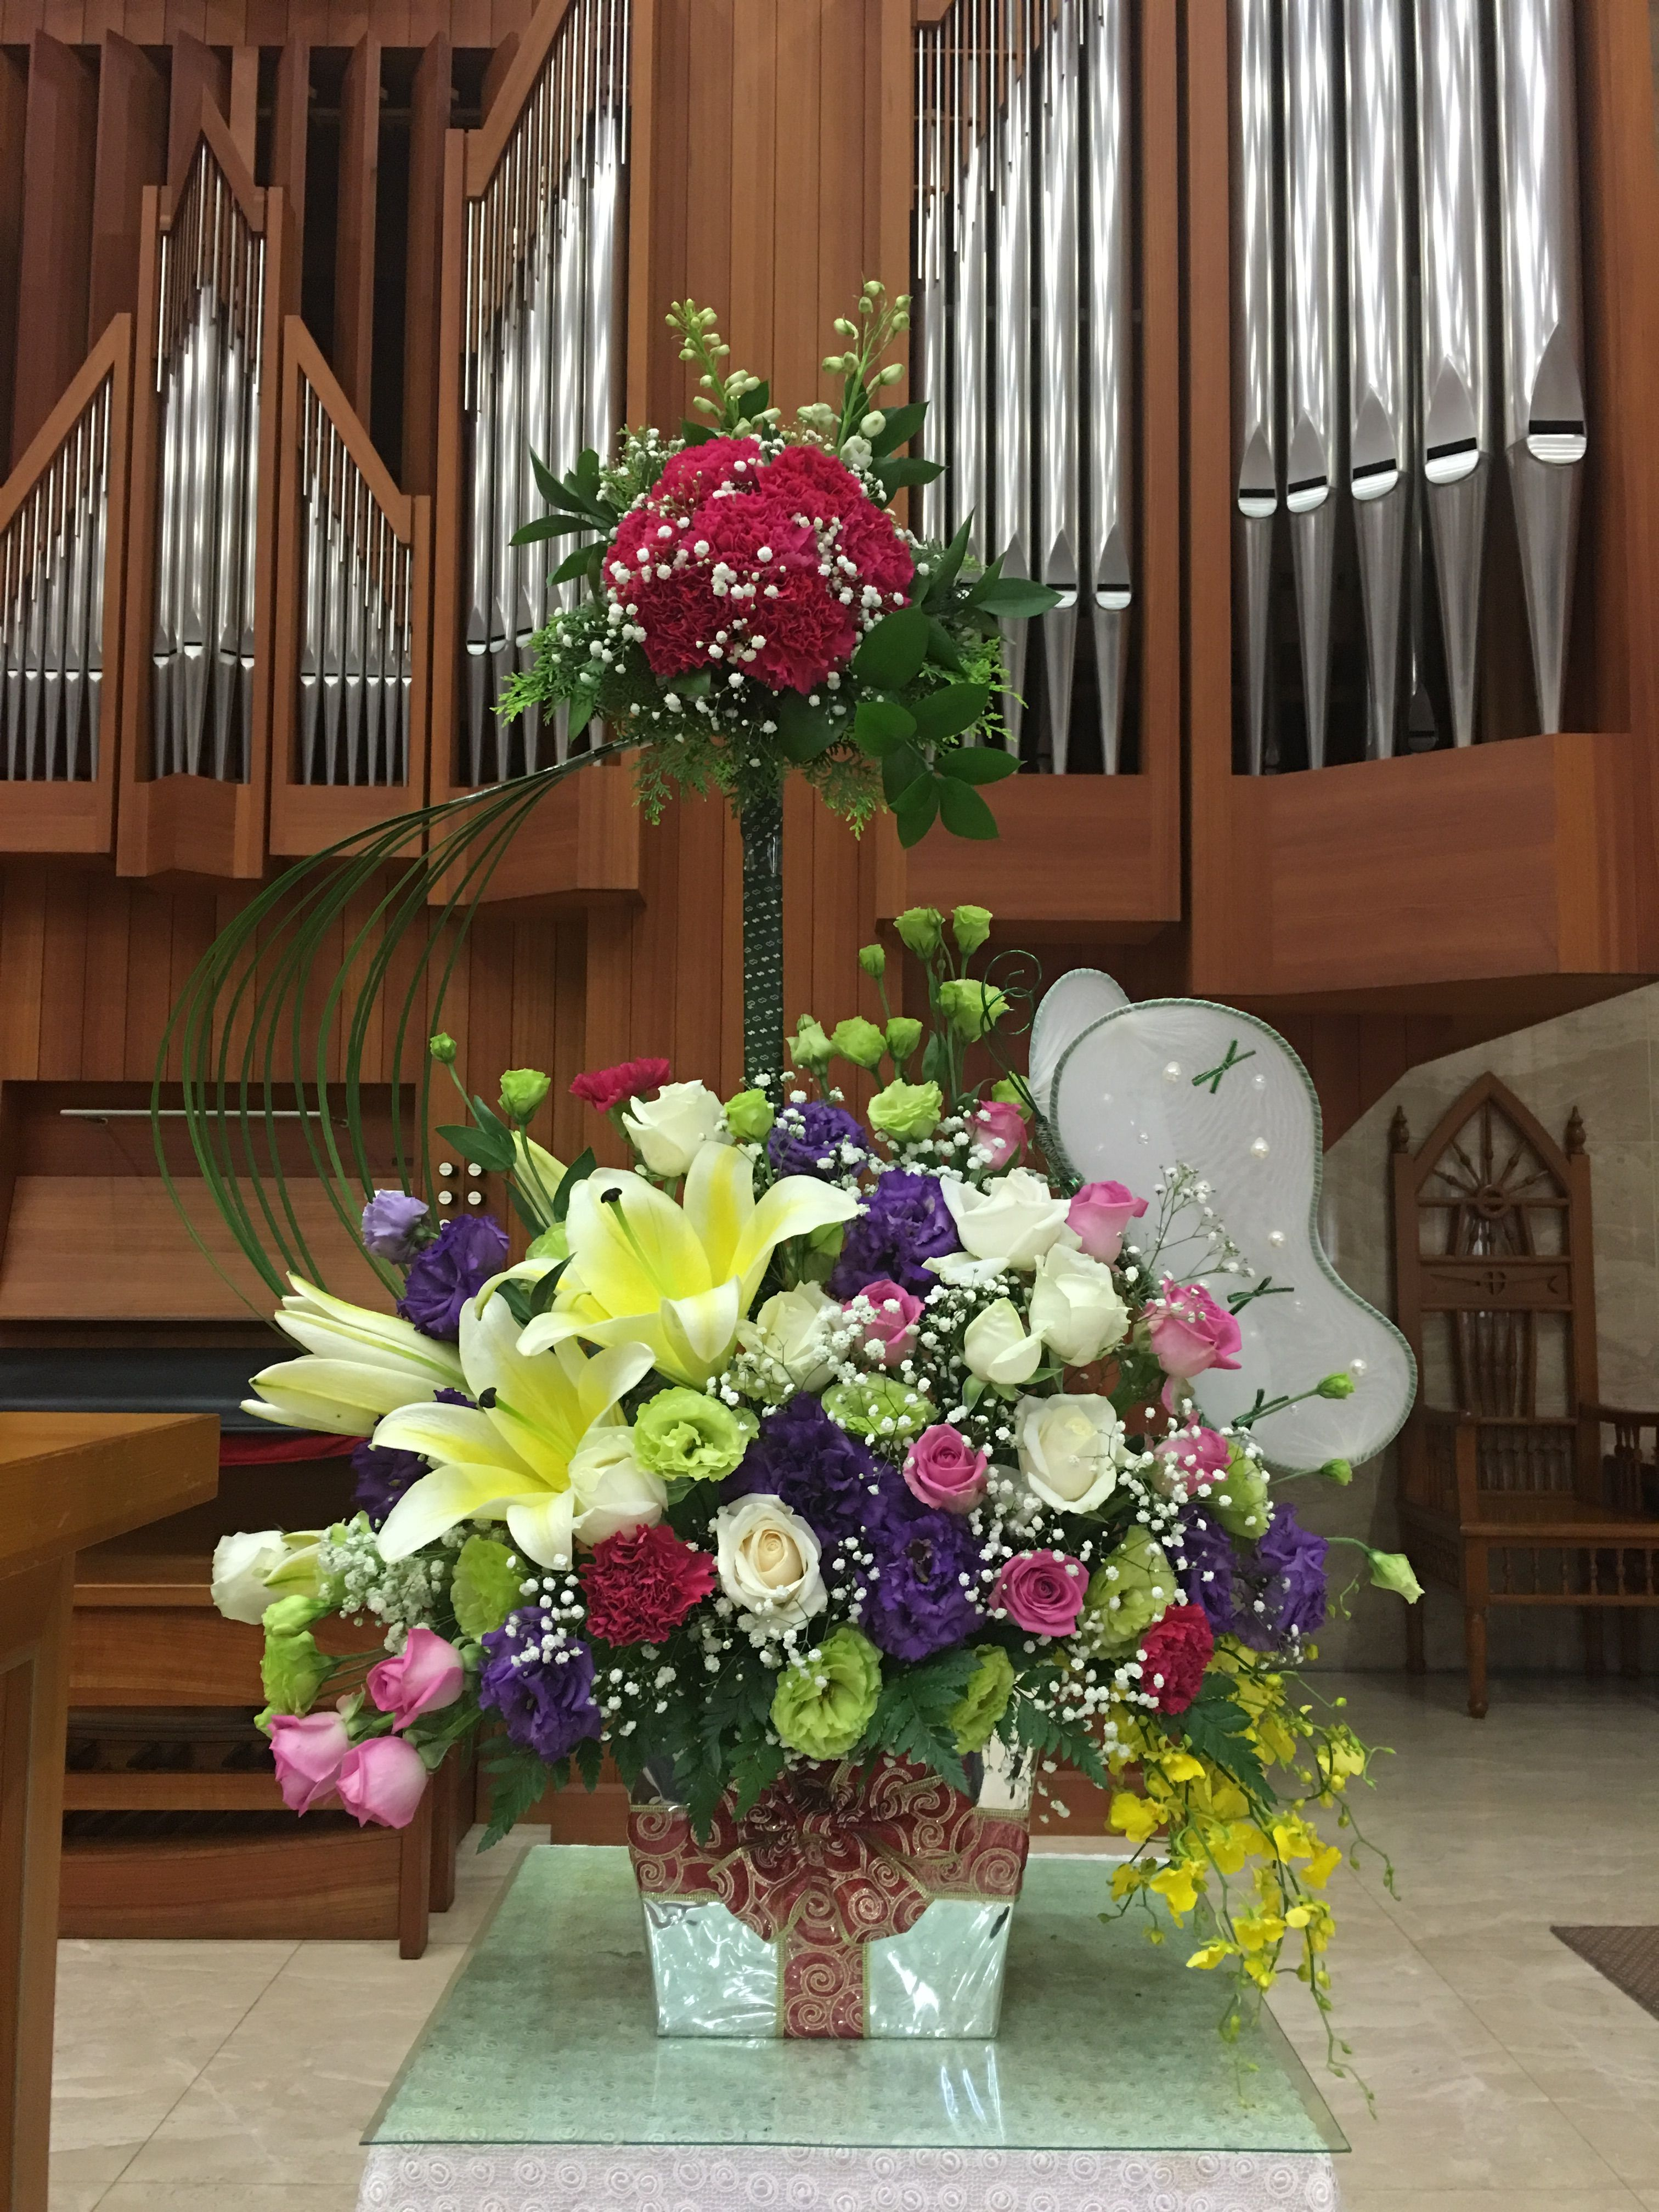 2017.06.04 主日插花 02 Flower arrangements for the church 教会の